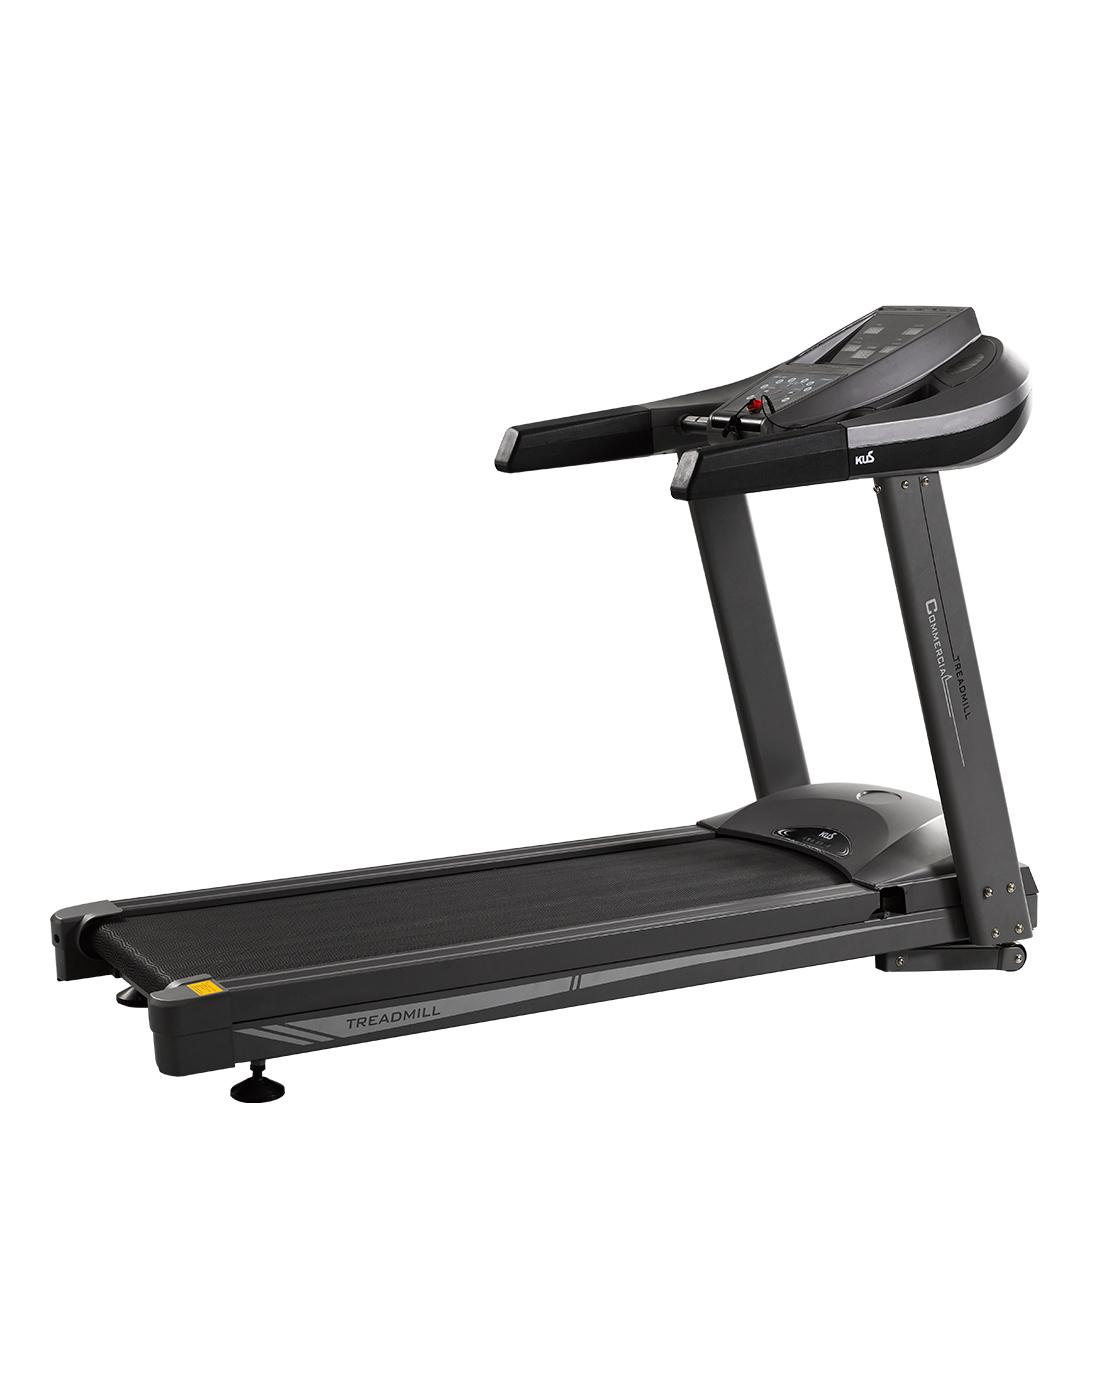 韩国kus豪华家用跑步机商务健身房跑步机